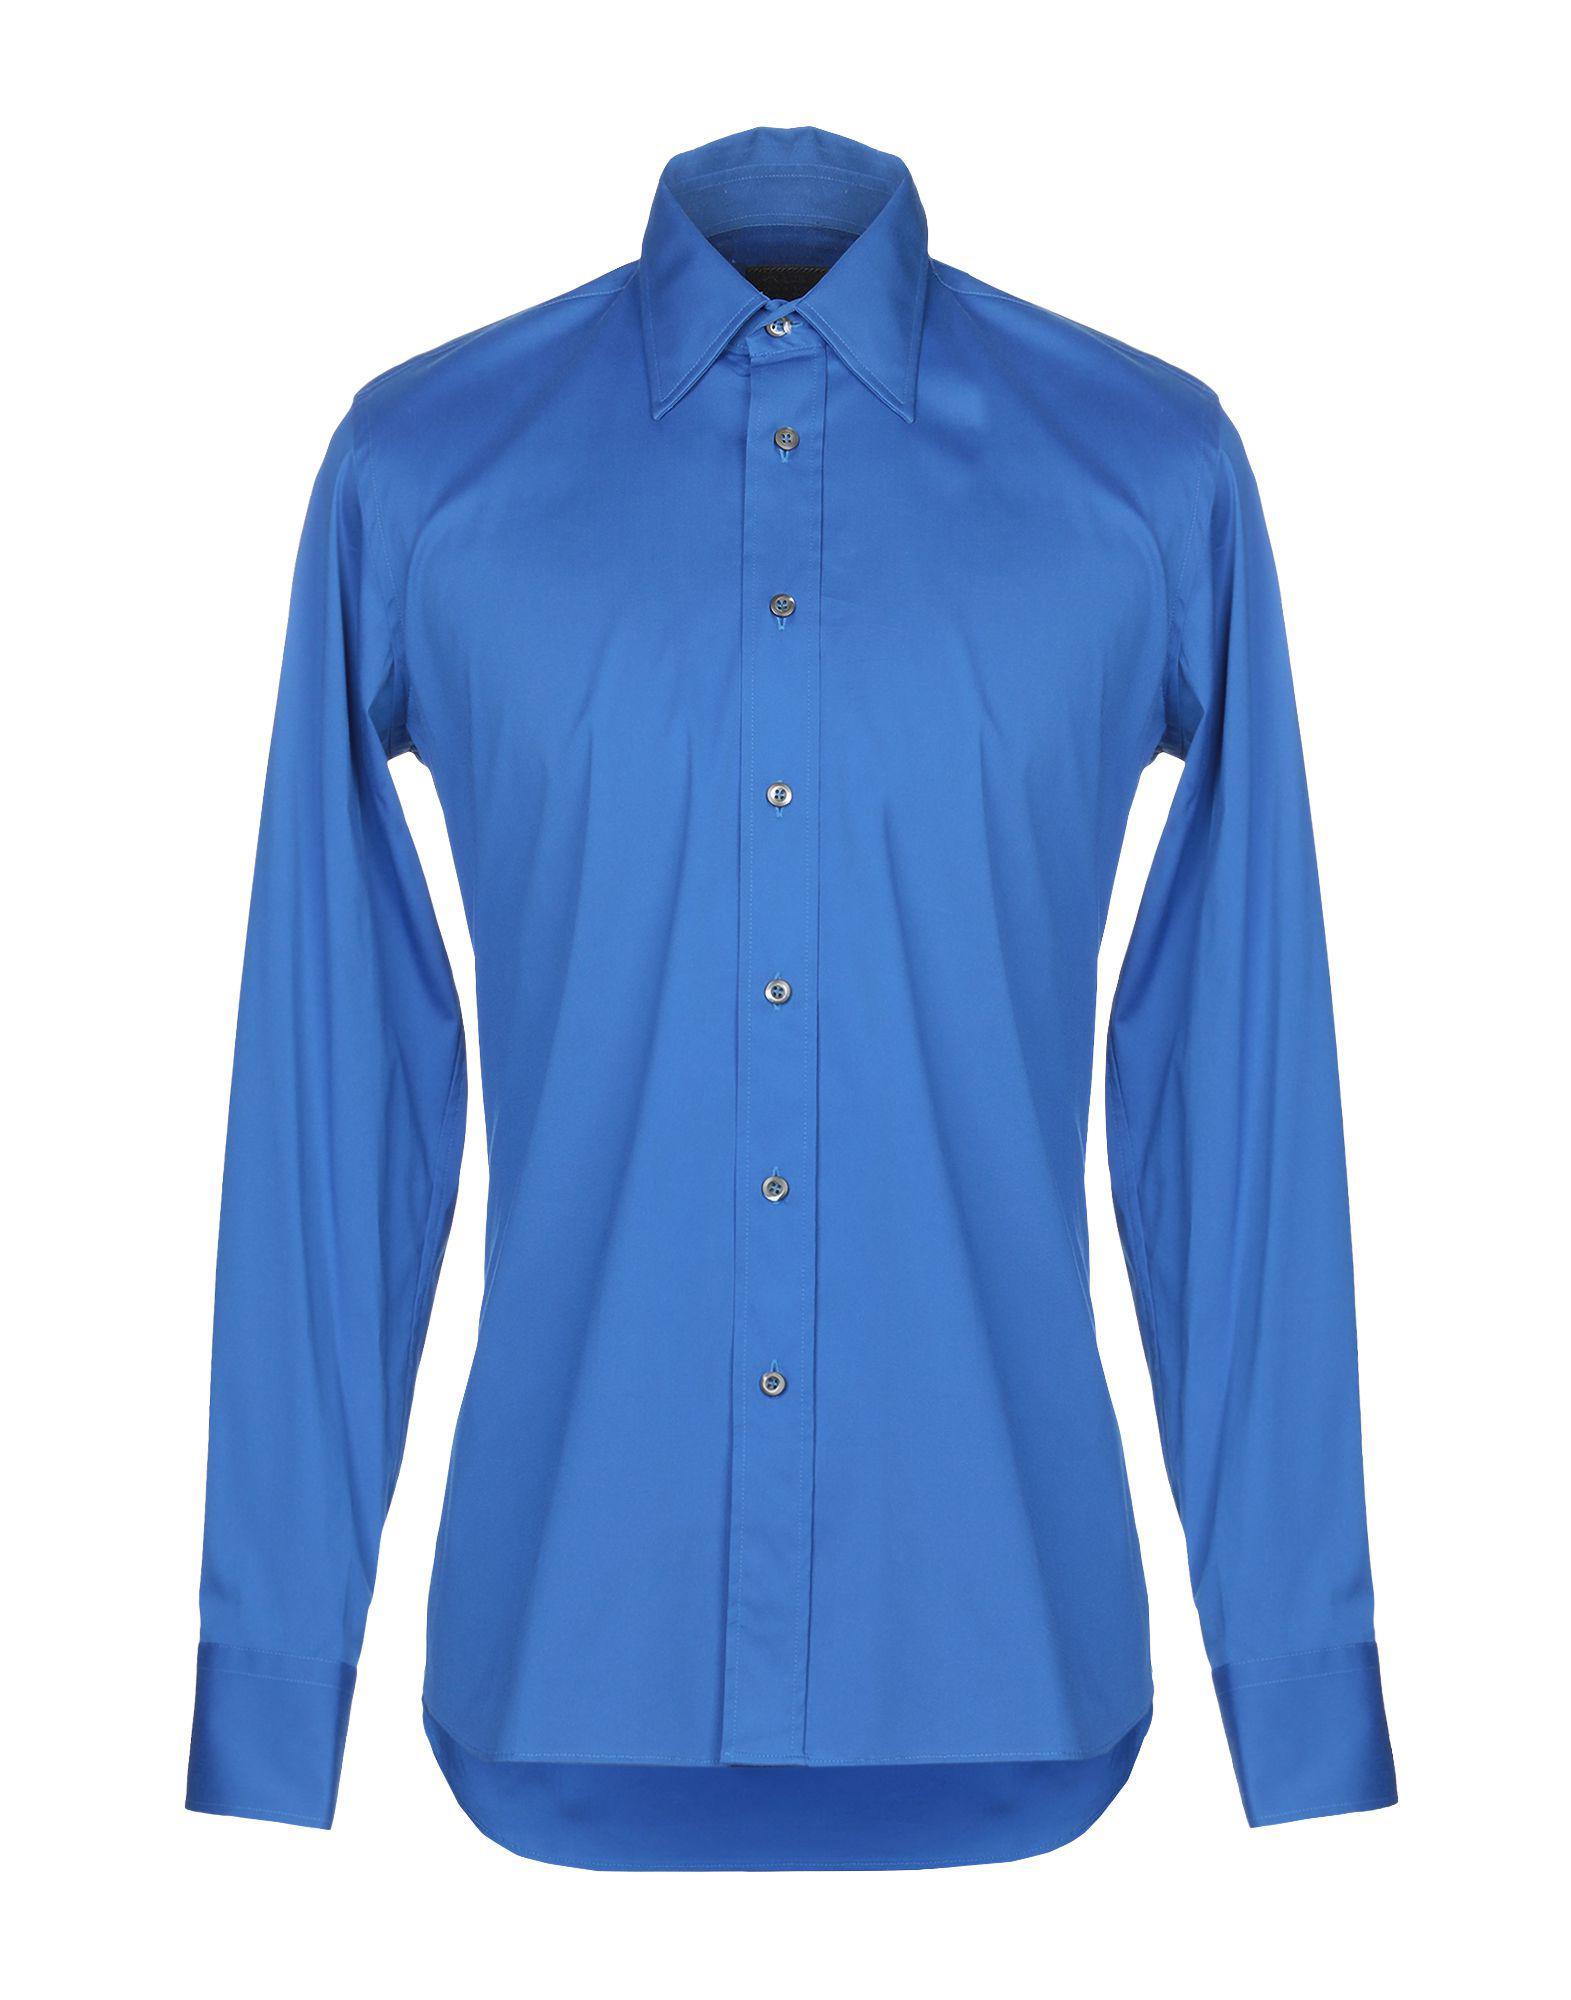 Lyst - Chemise Prada pour homme en coloris Bleu 845f7753808